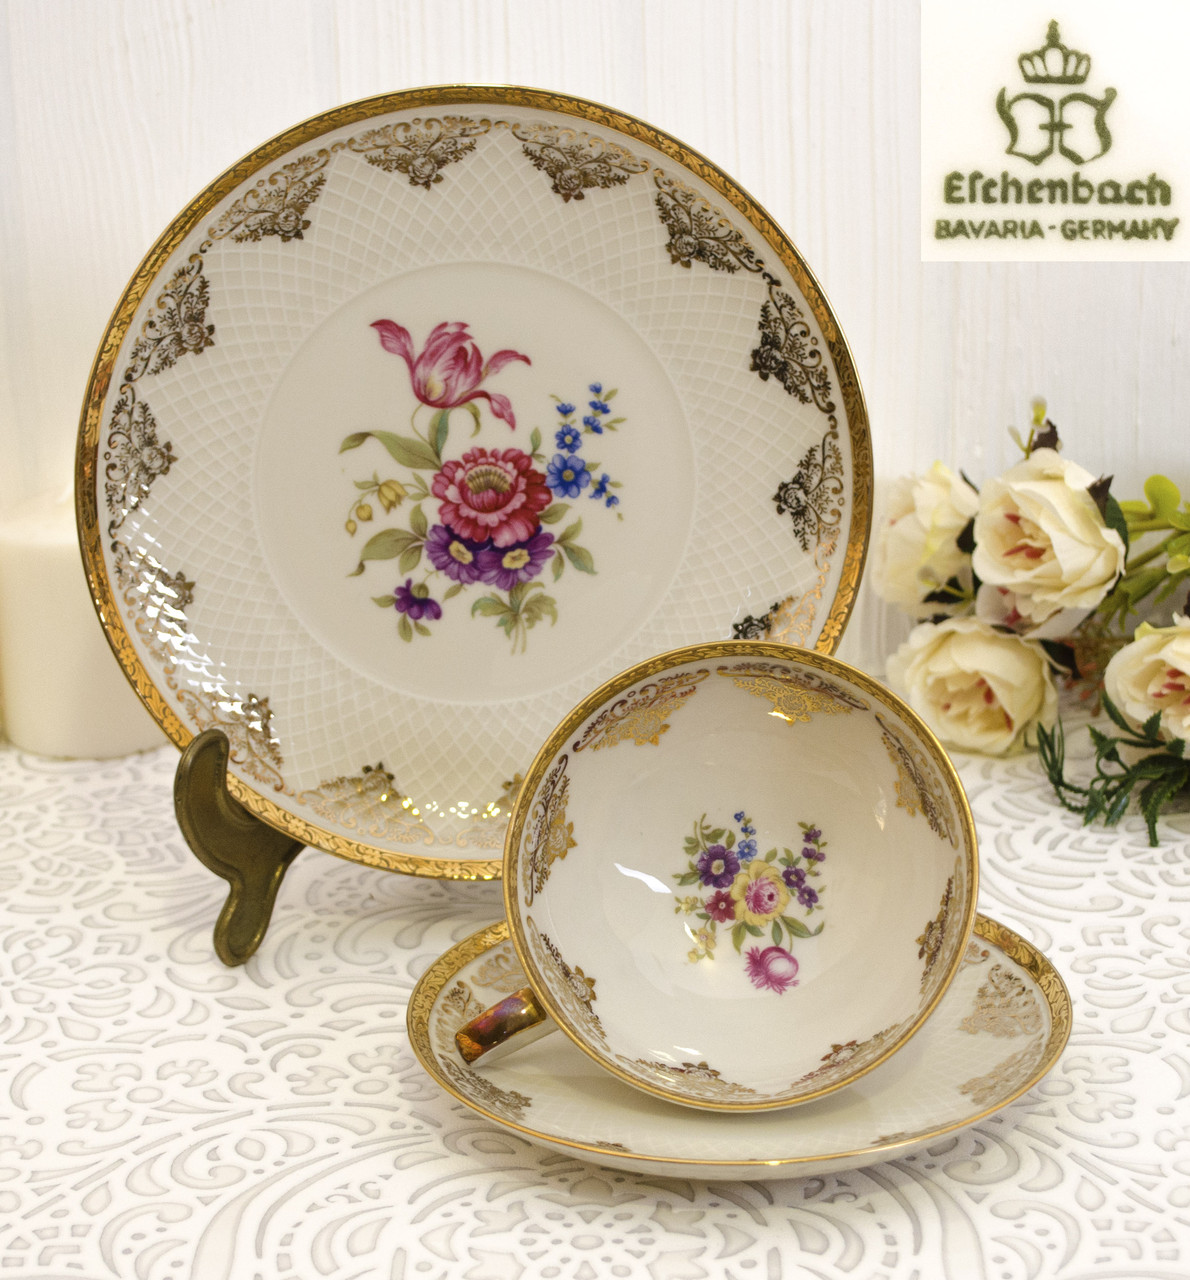 Старая фарфоровая чайная тройка, чашка, блюдце, тарелка, Eschenbach Porcelain, Германия, фарфор